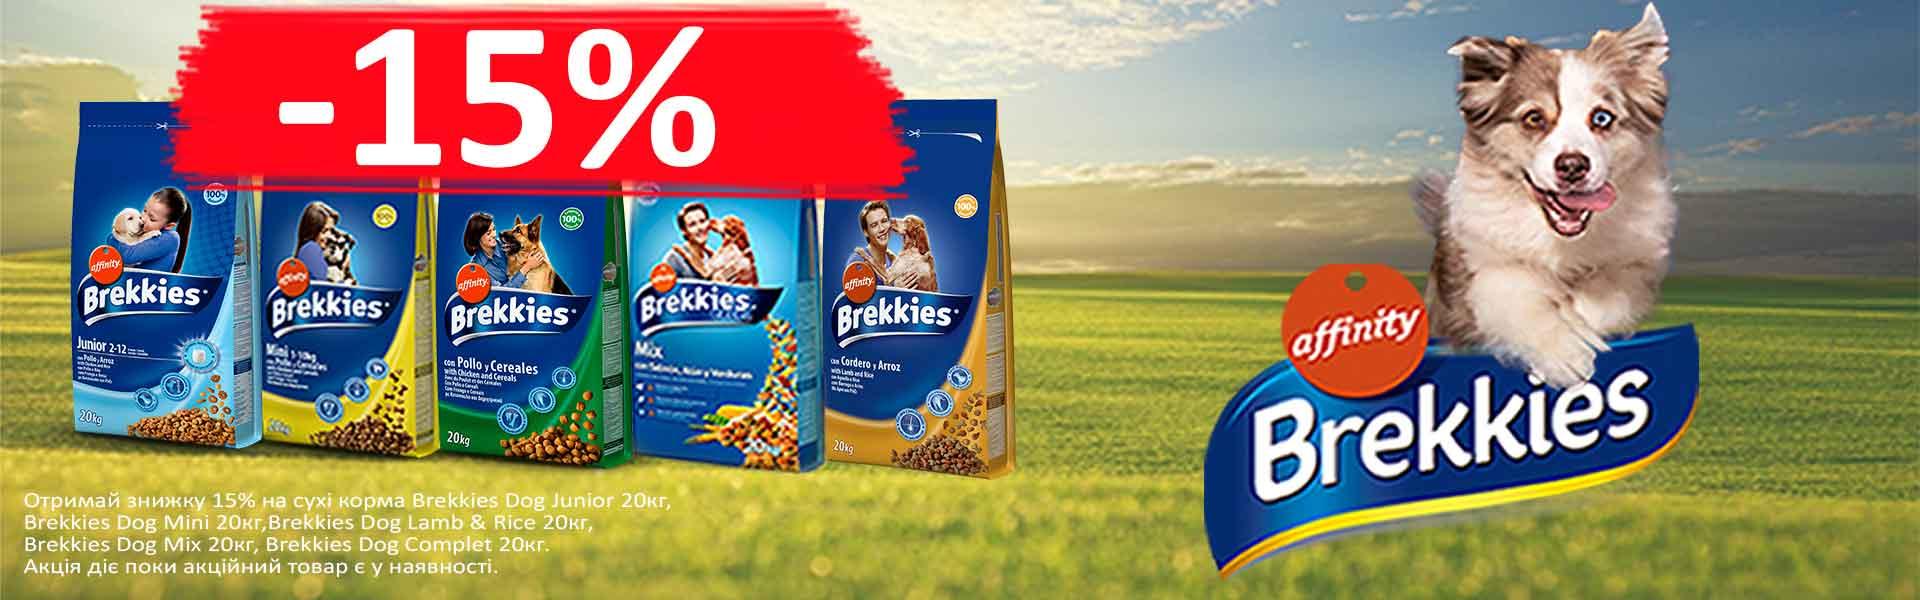 Brekkies -15%